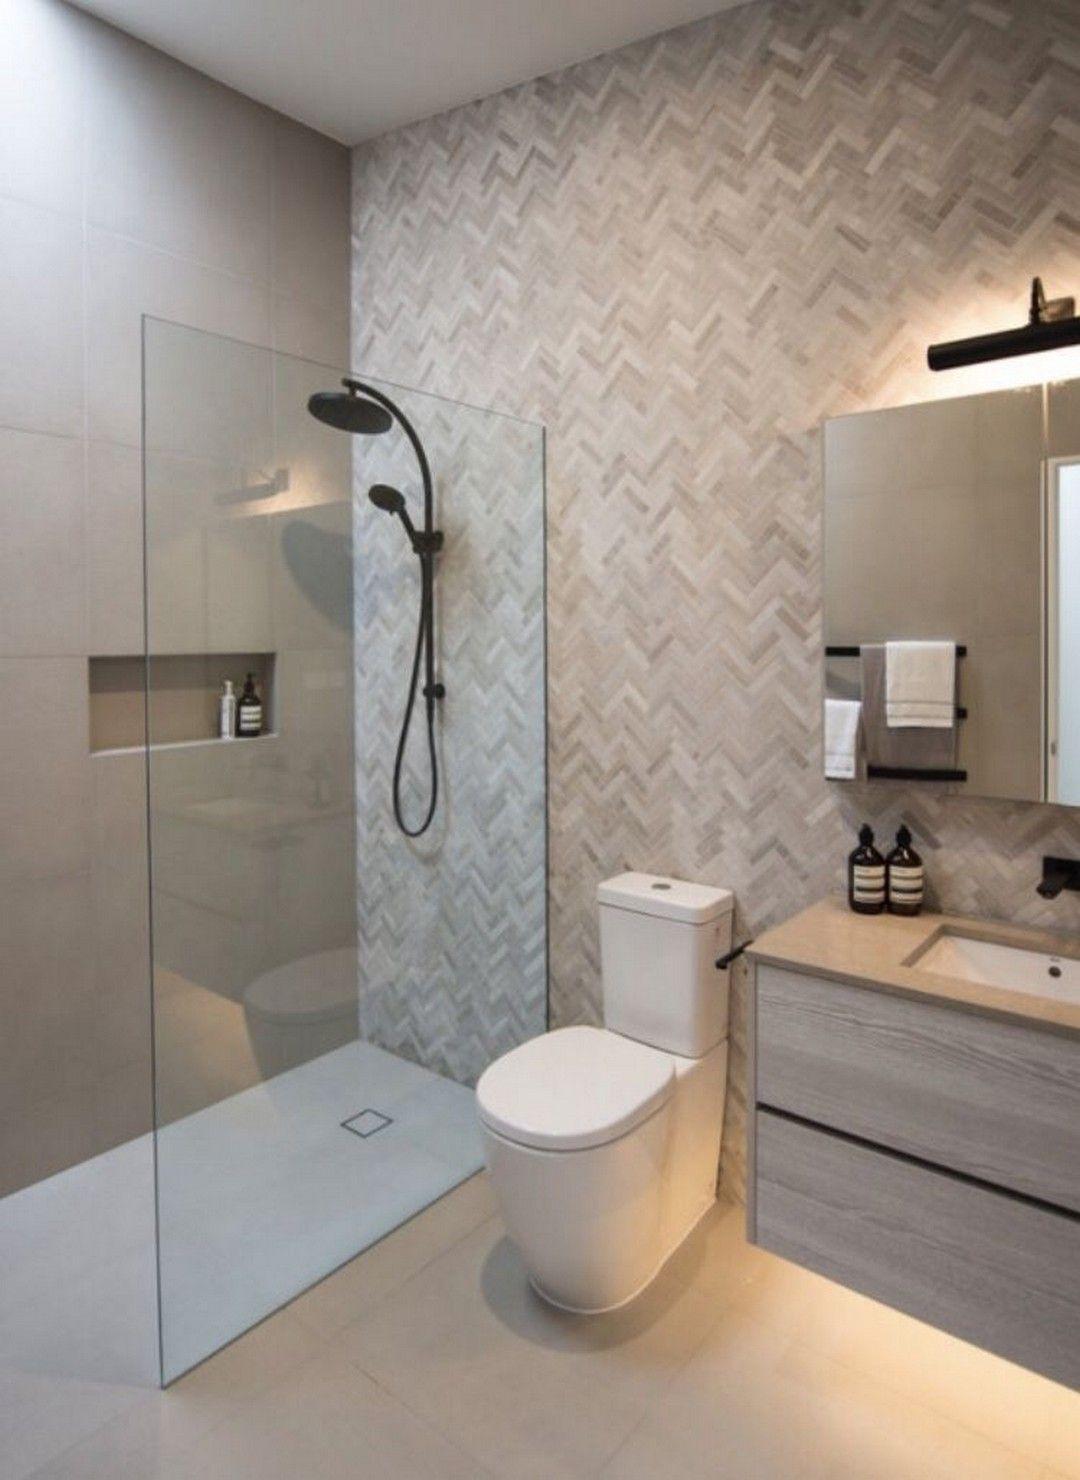 best wet room design ideas  wet room bathroom wet room